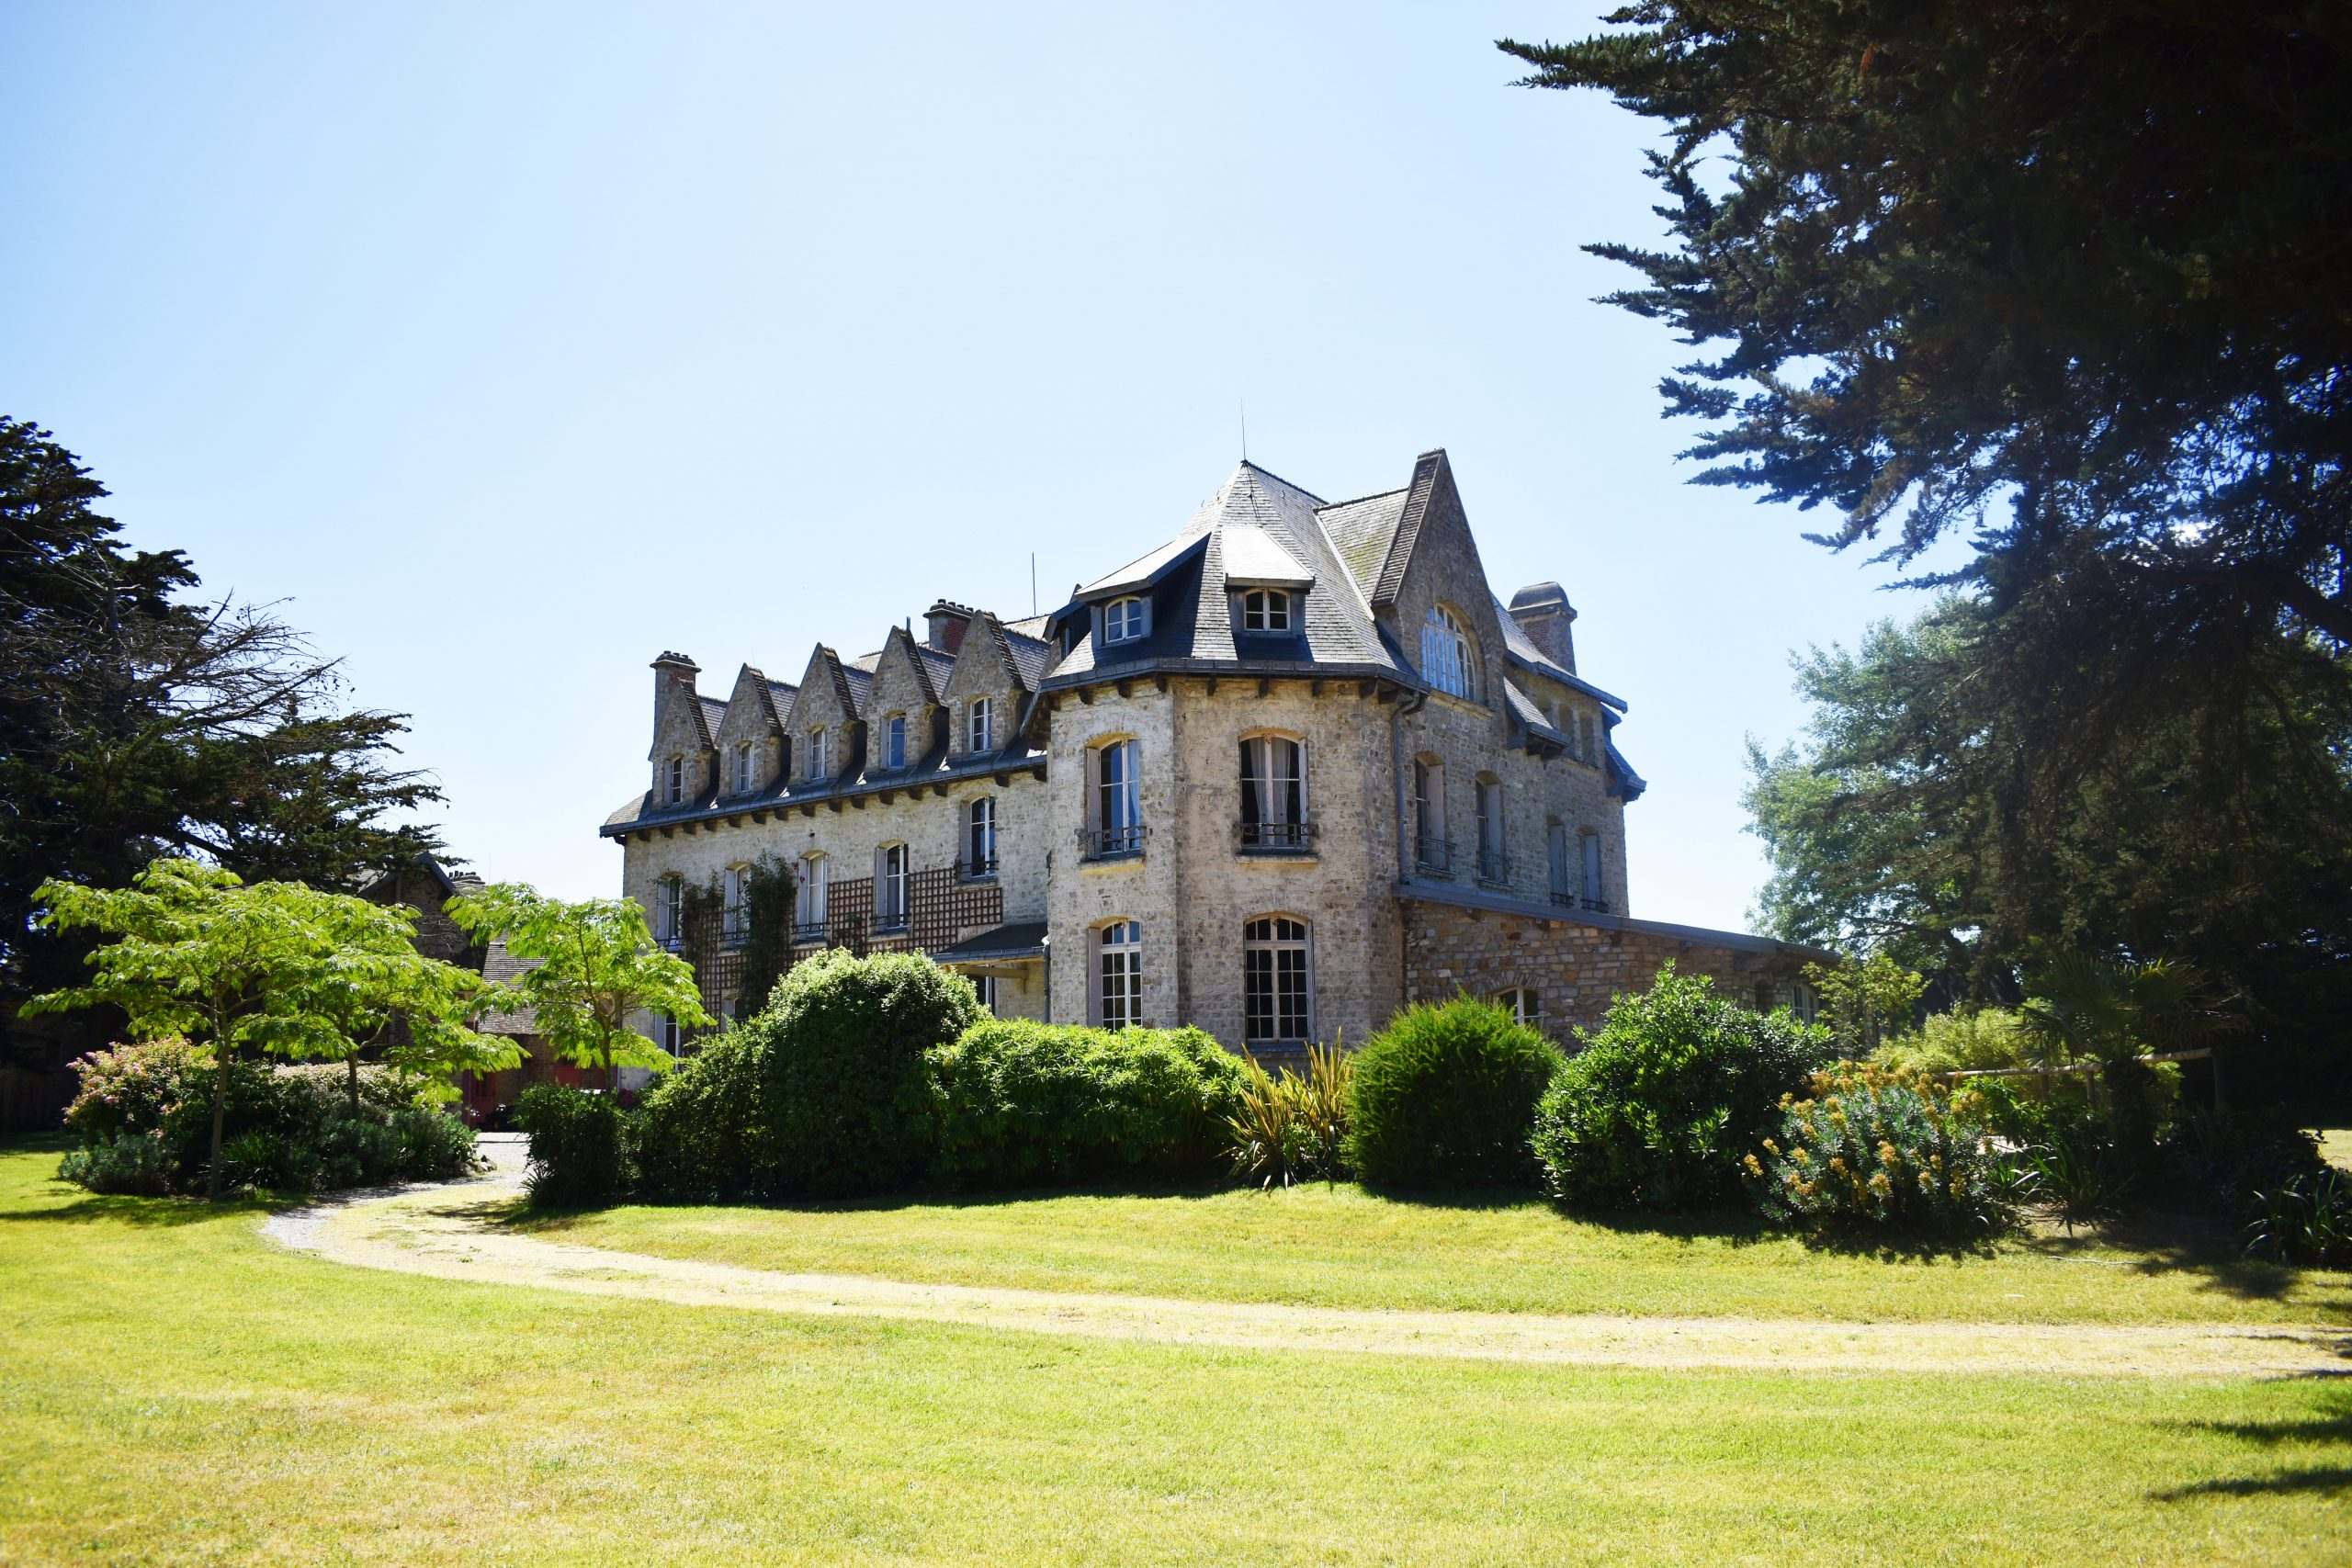 Château de bord de mer et ses dépendances sur 10,6 ha – Manche (50)